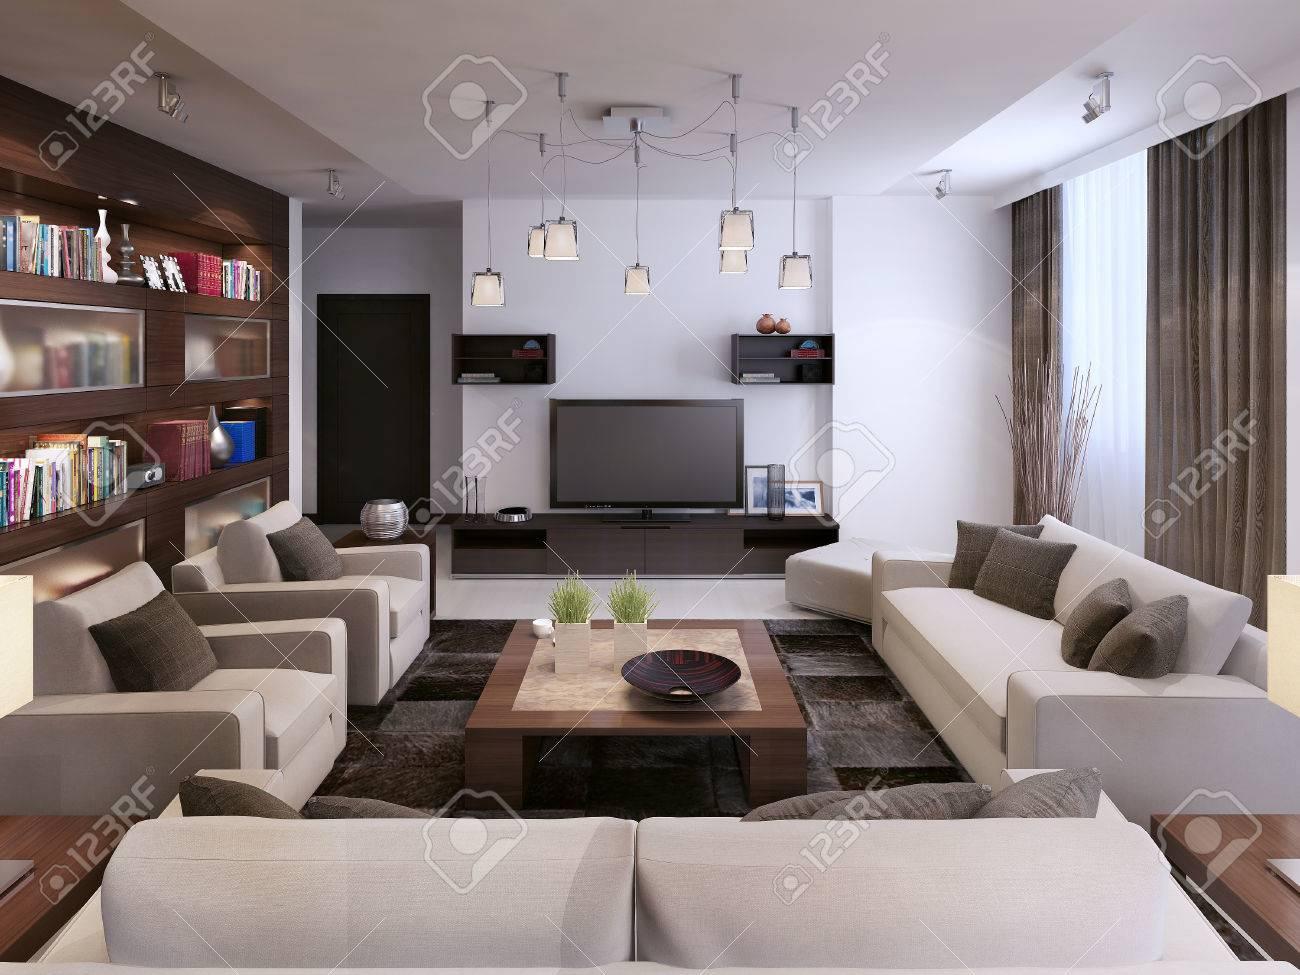 wohnzimmer modernen stil 3d bilder lizenzfreie fotos bilder und wohnzimmer dekoo - Wohnzimmer Im Modernen Stil